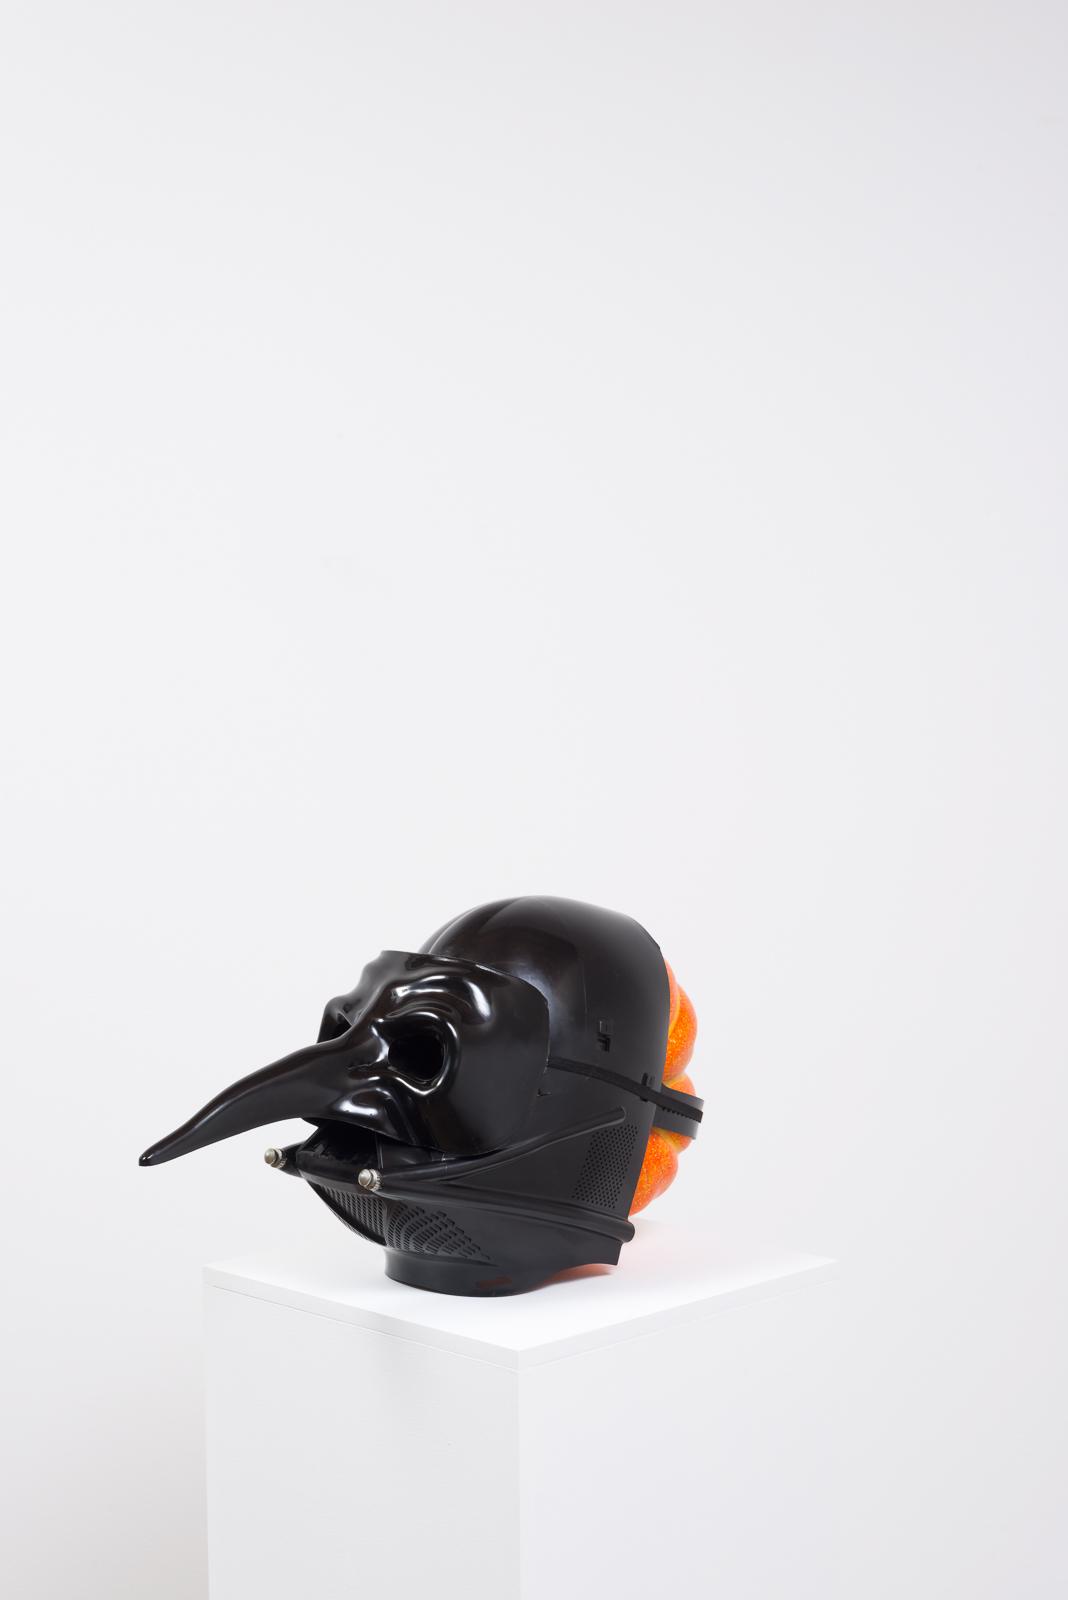 Pumpkin in a Mask in a Mask , 2017